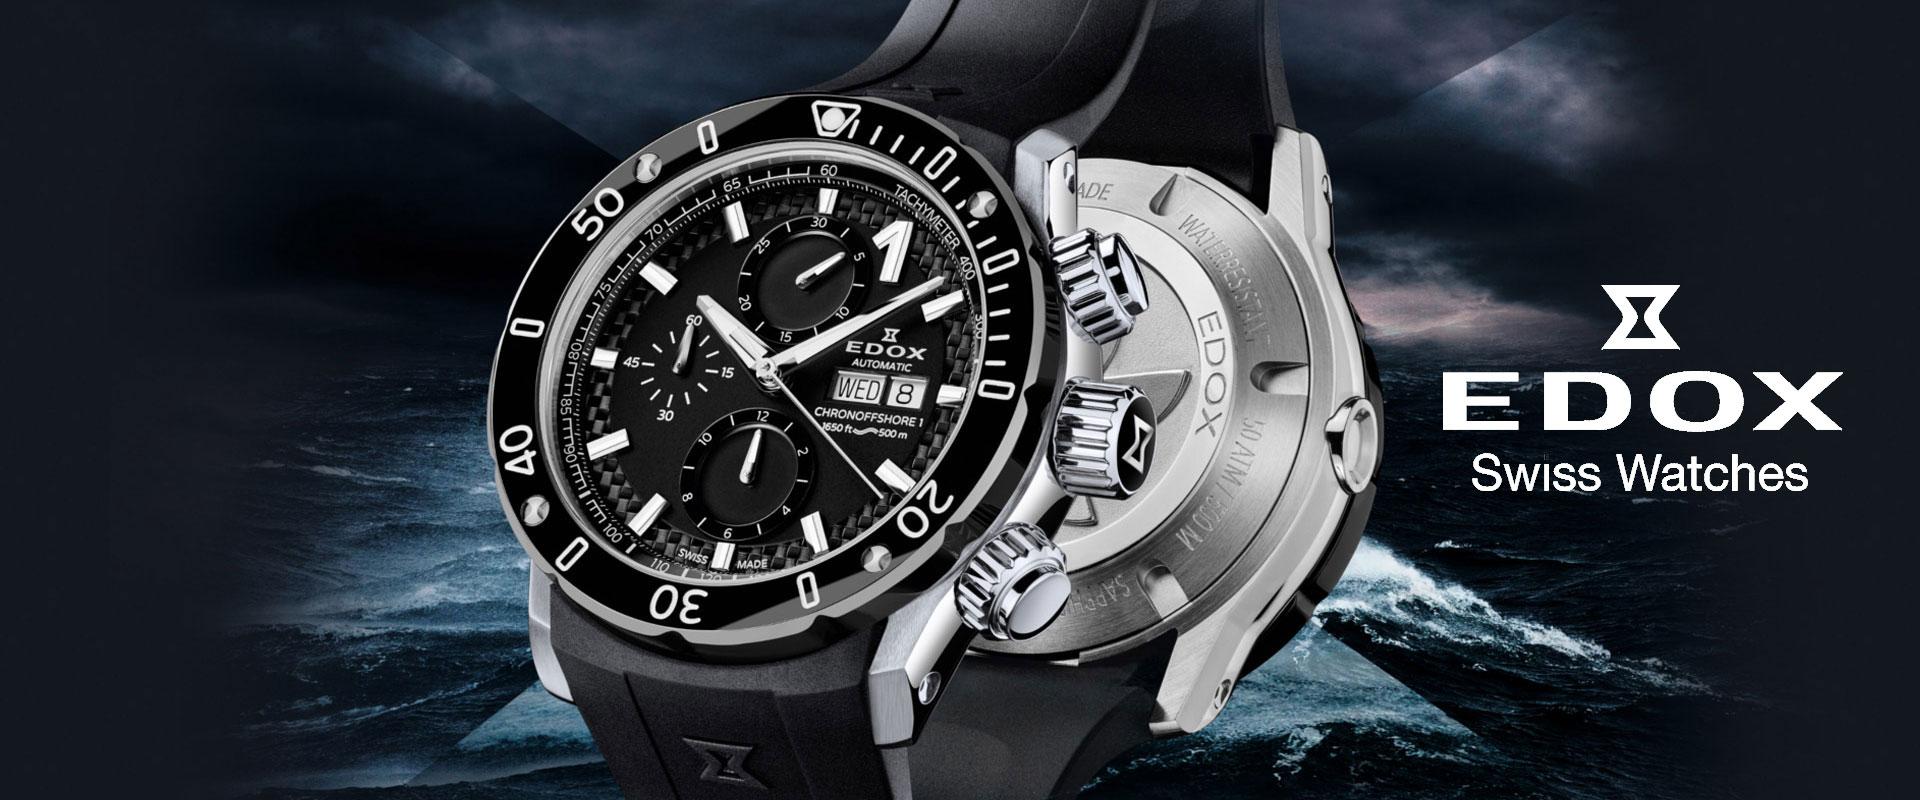 edox-watches